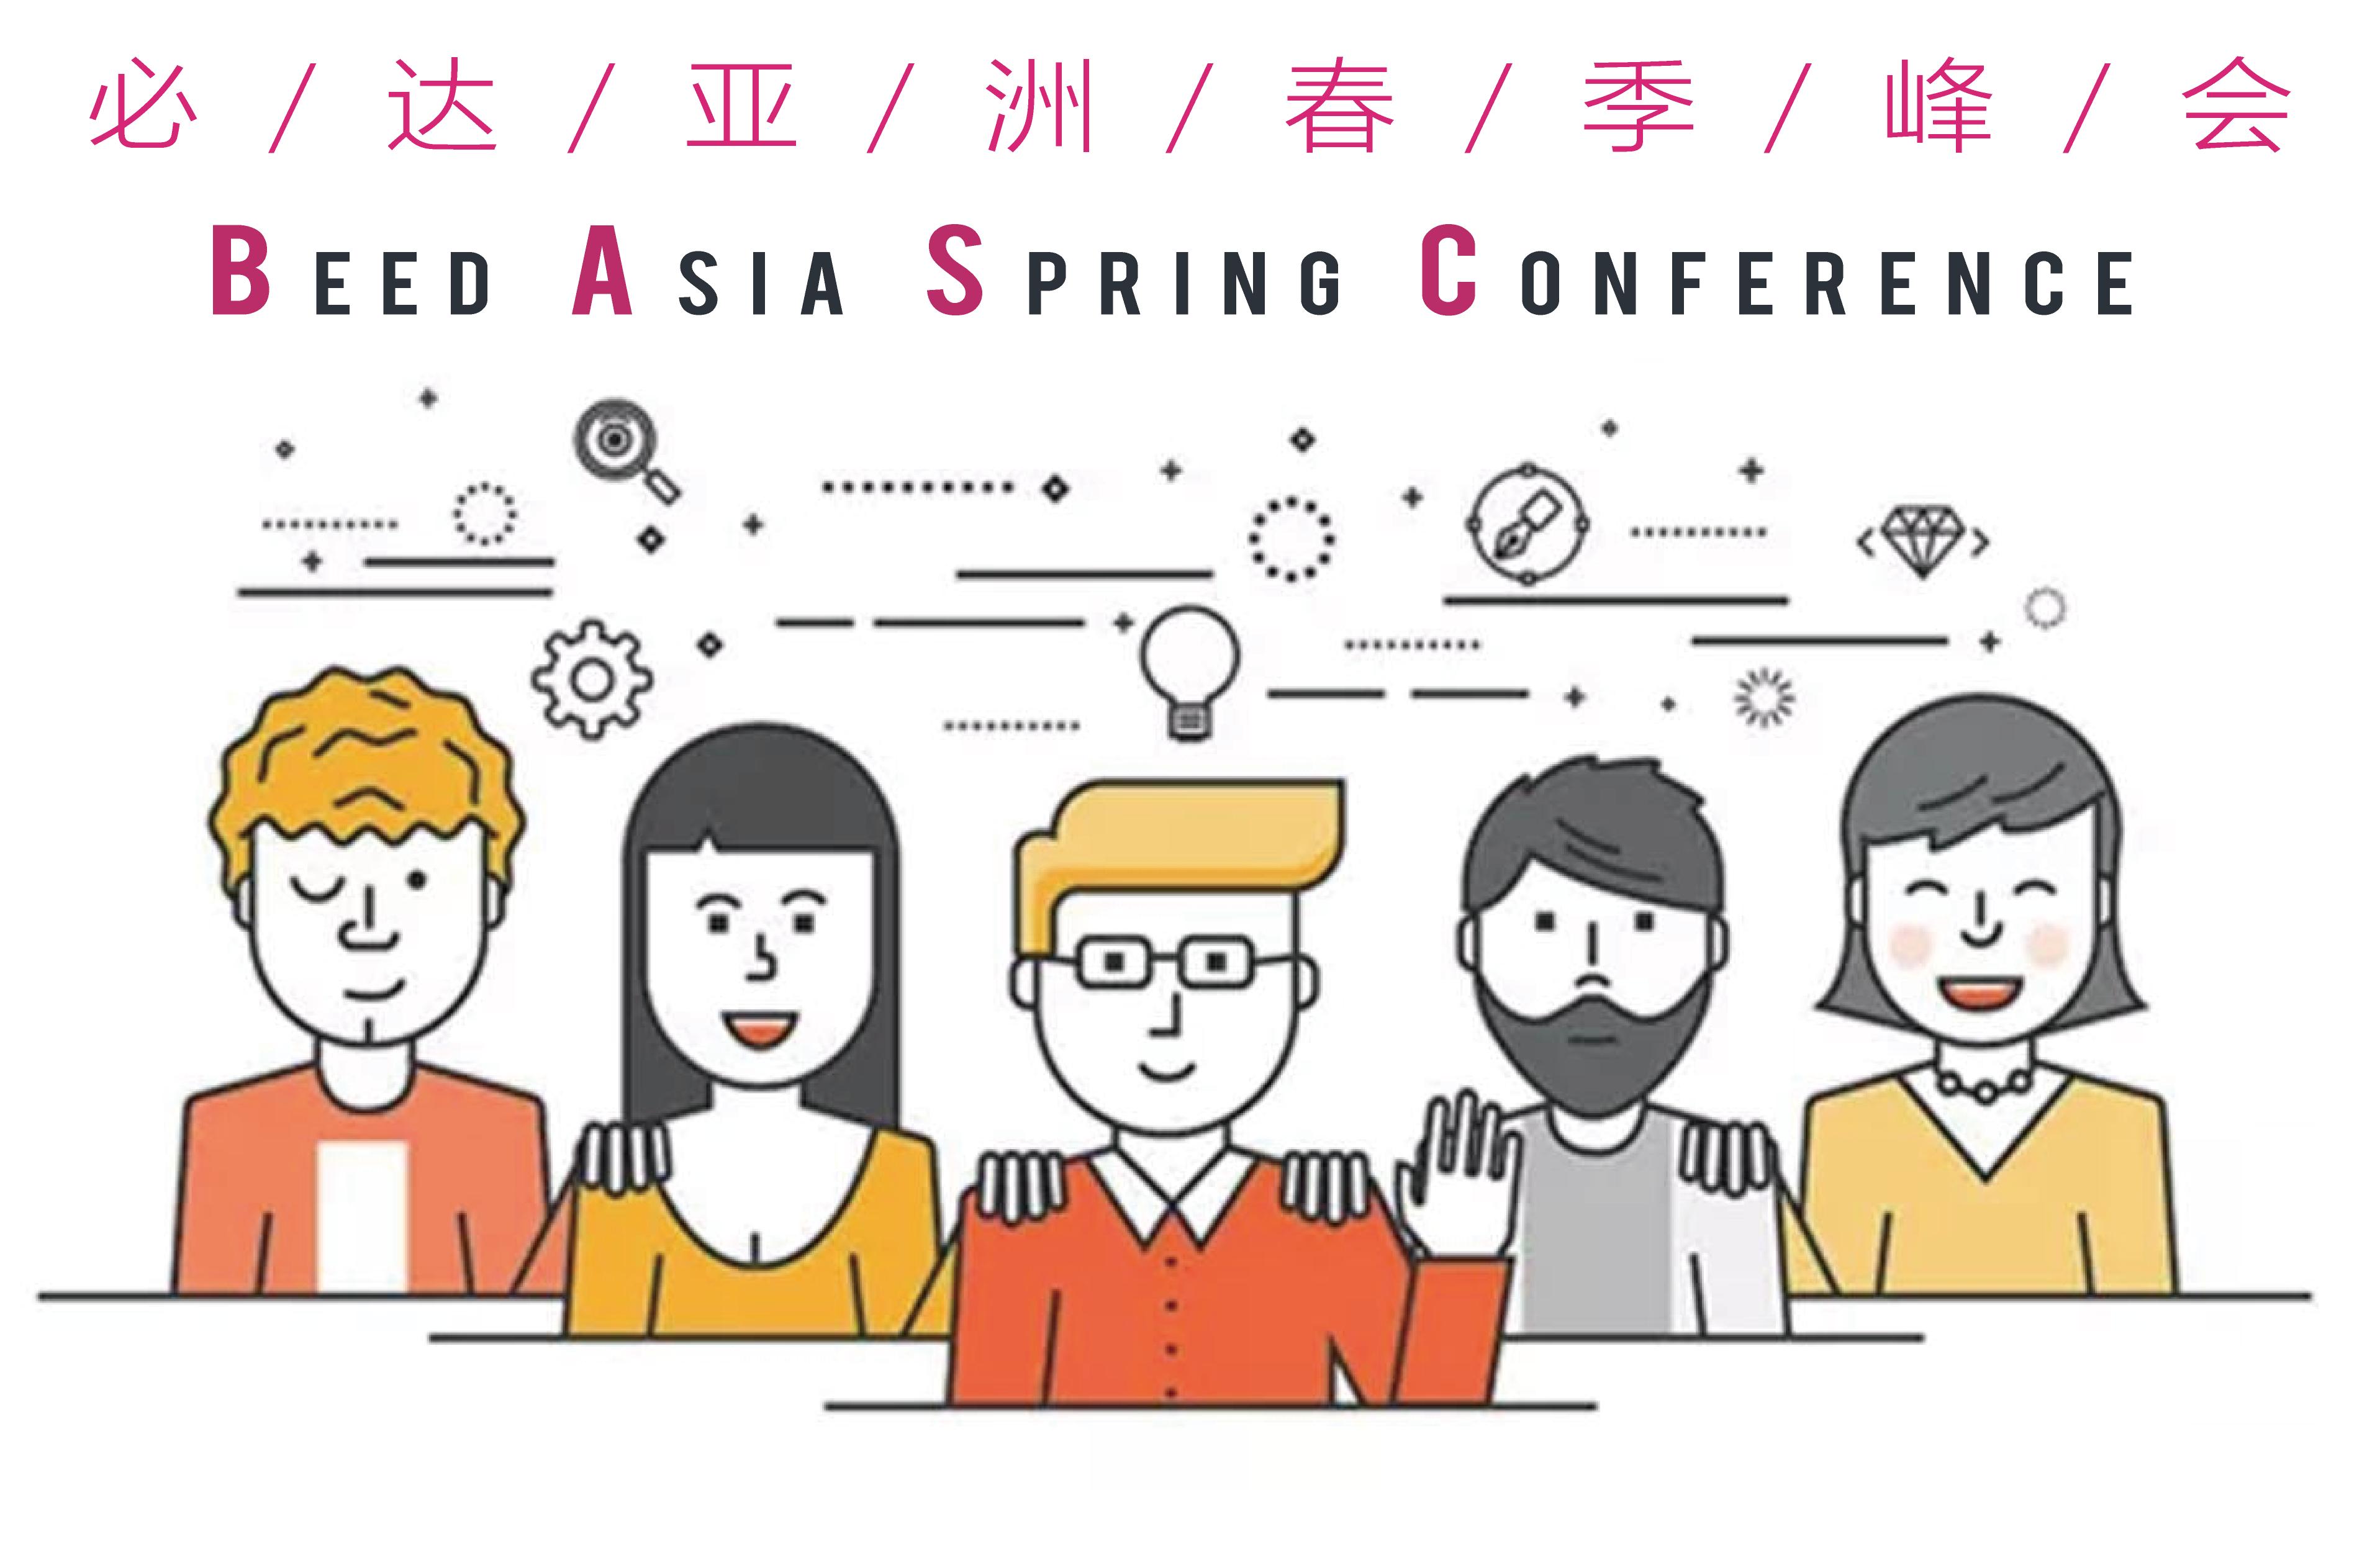 必达春季峰会,必达亚洲,BEED ASIA,国际学校,学校设计,未来学校,核心素养